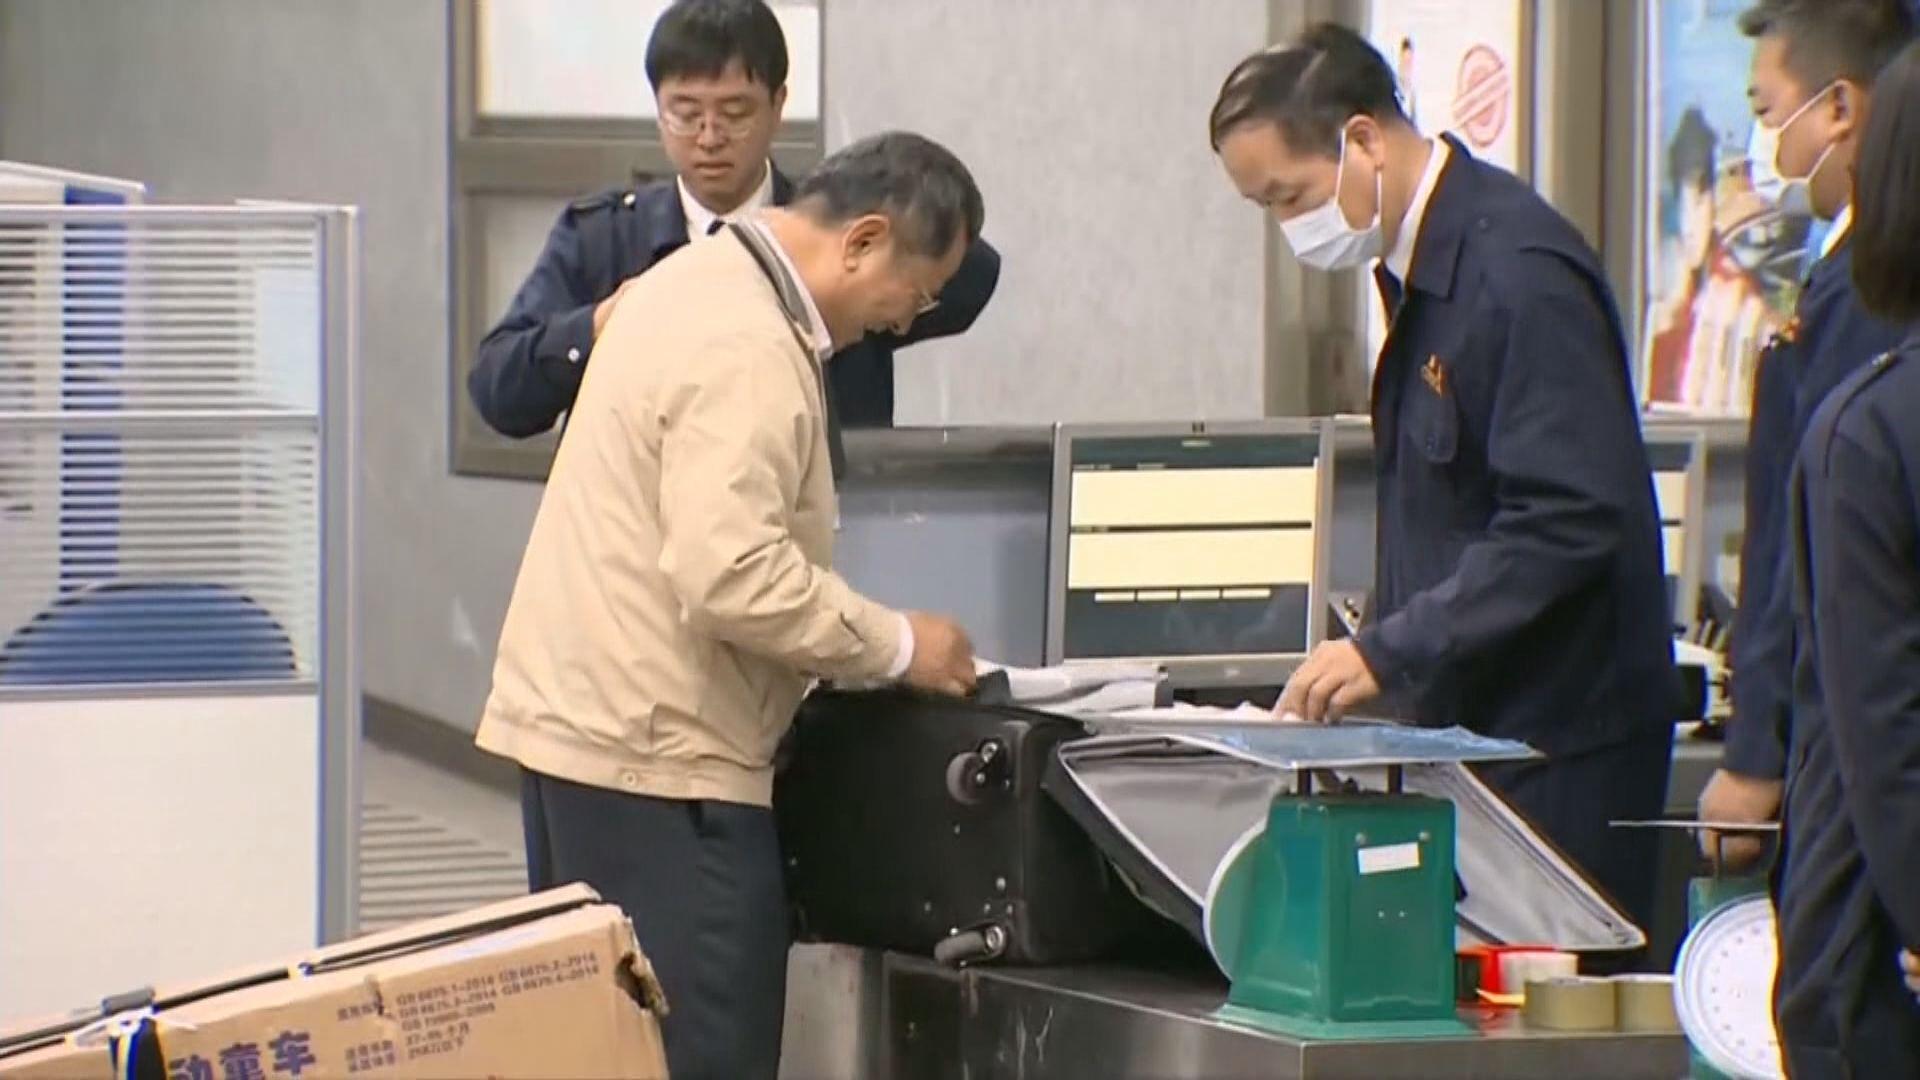 日本禁止旅客攜帶豬肉製品入境至本月底